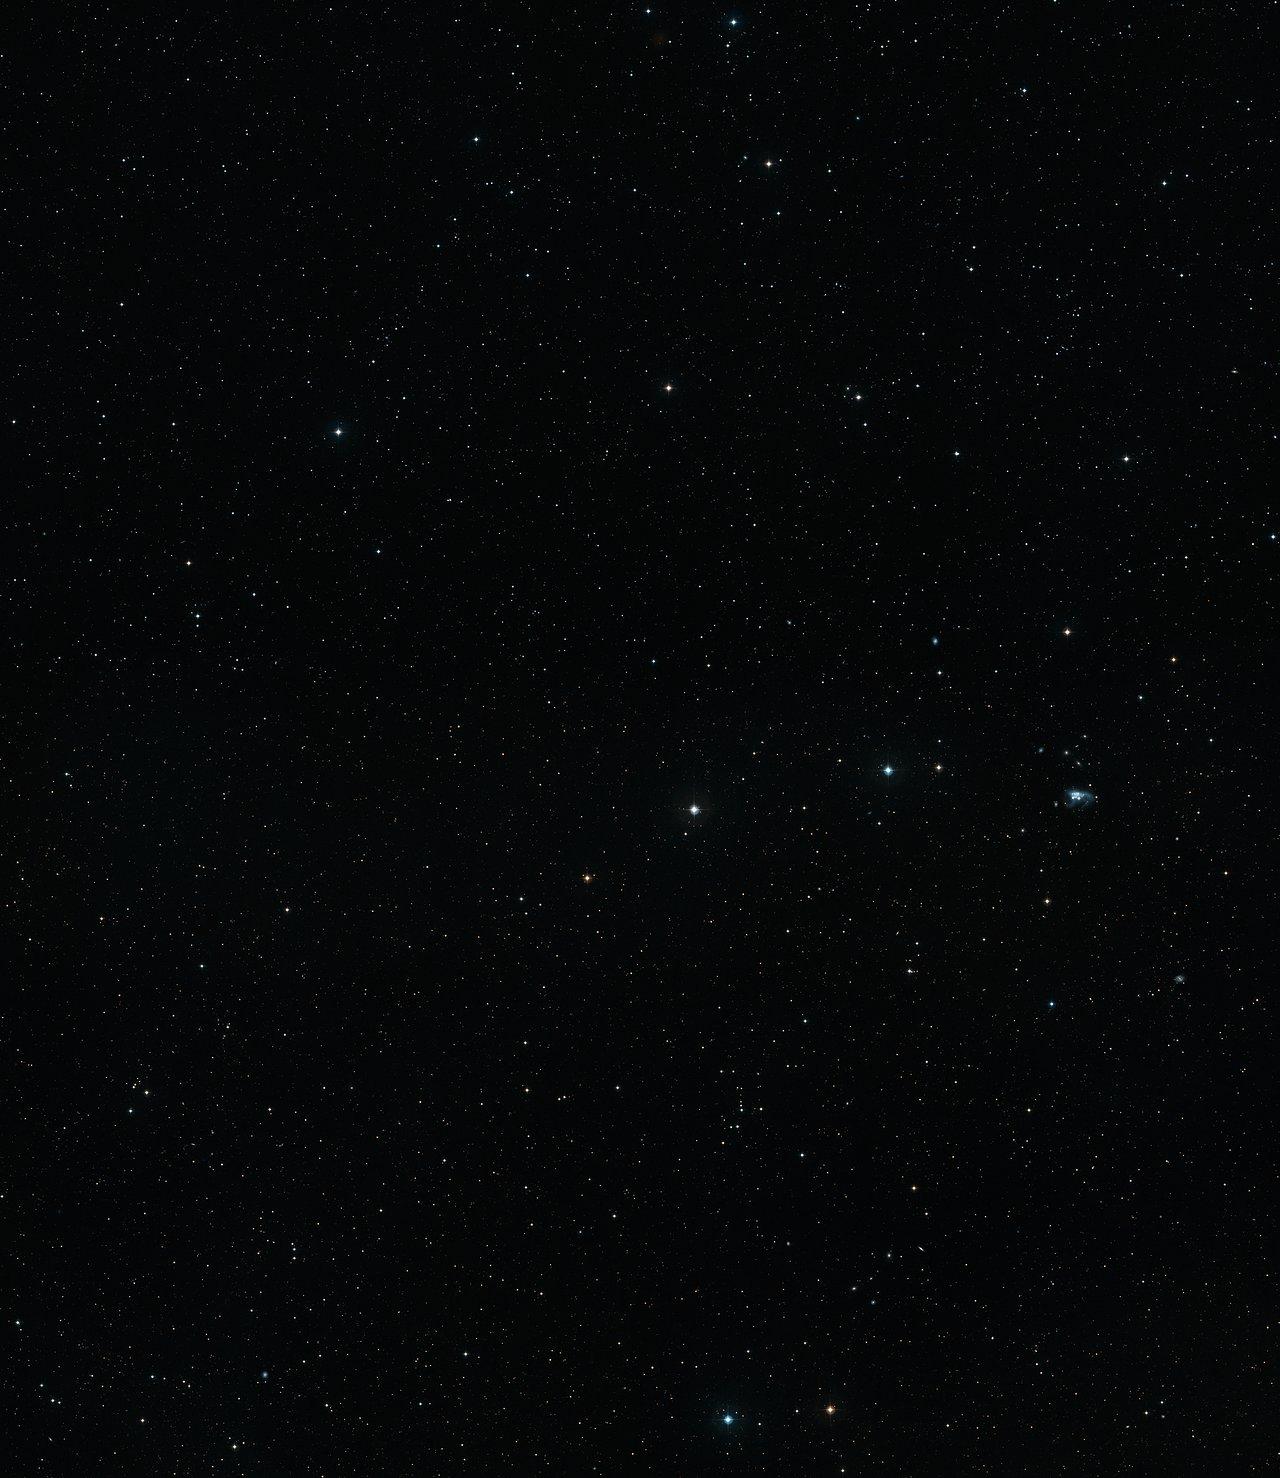 Visión de campo amplio del cielo alrededor de la increíble estrella SDSS J102915+172927